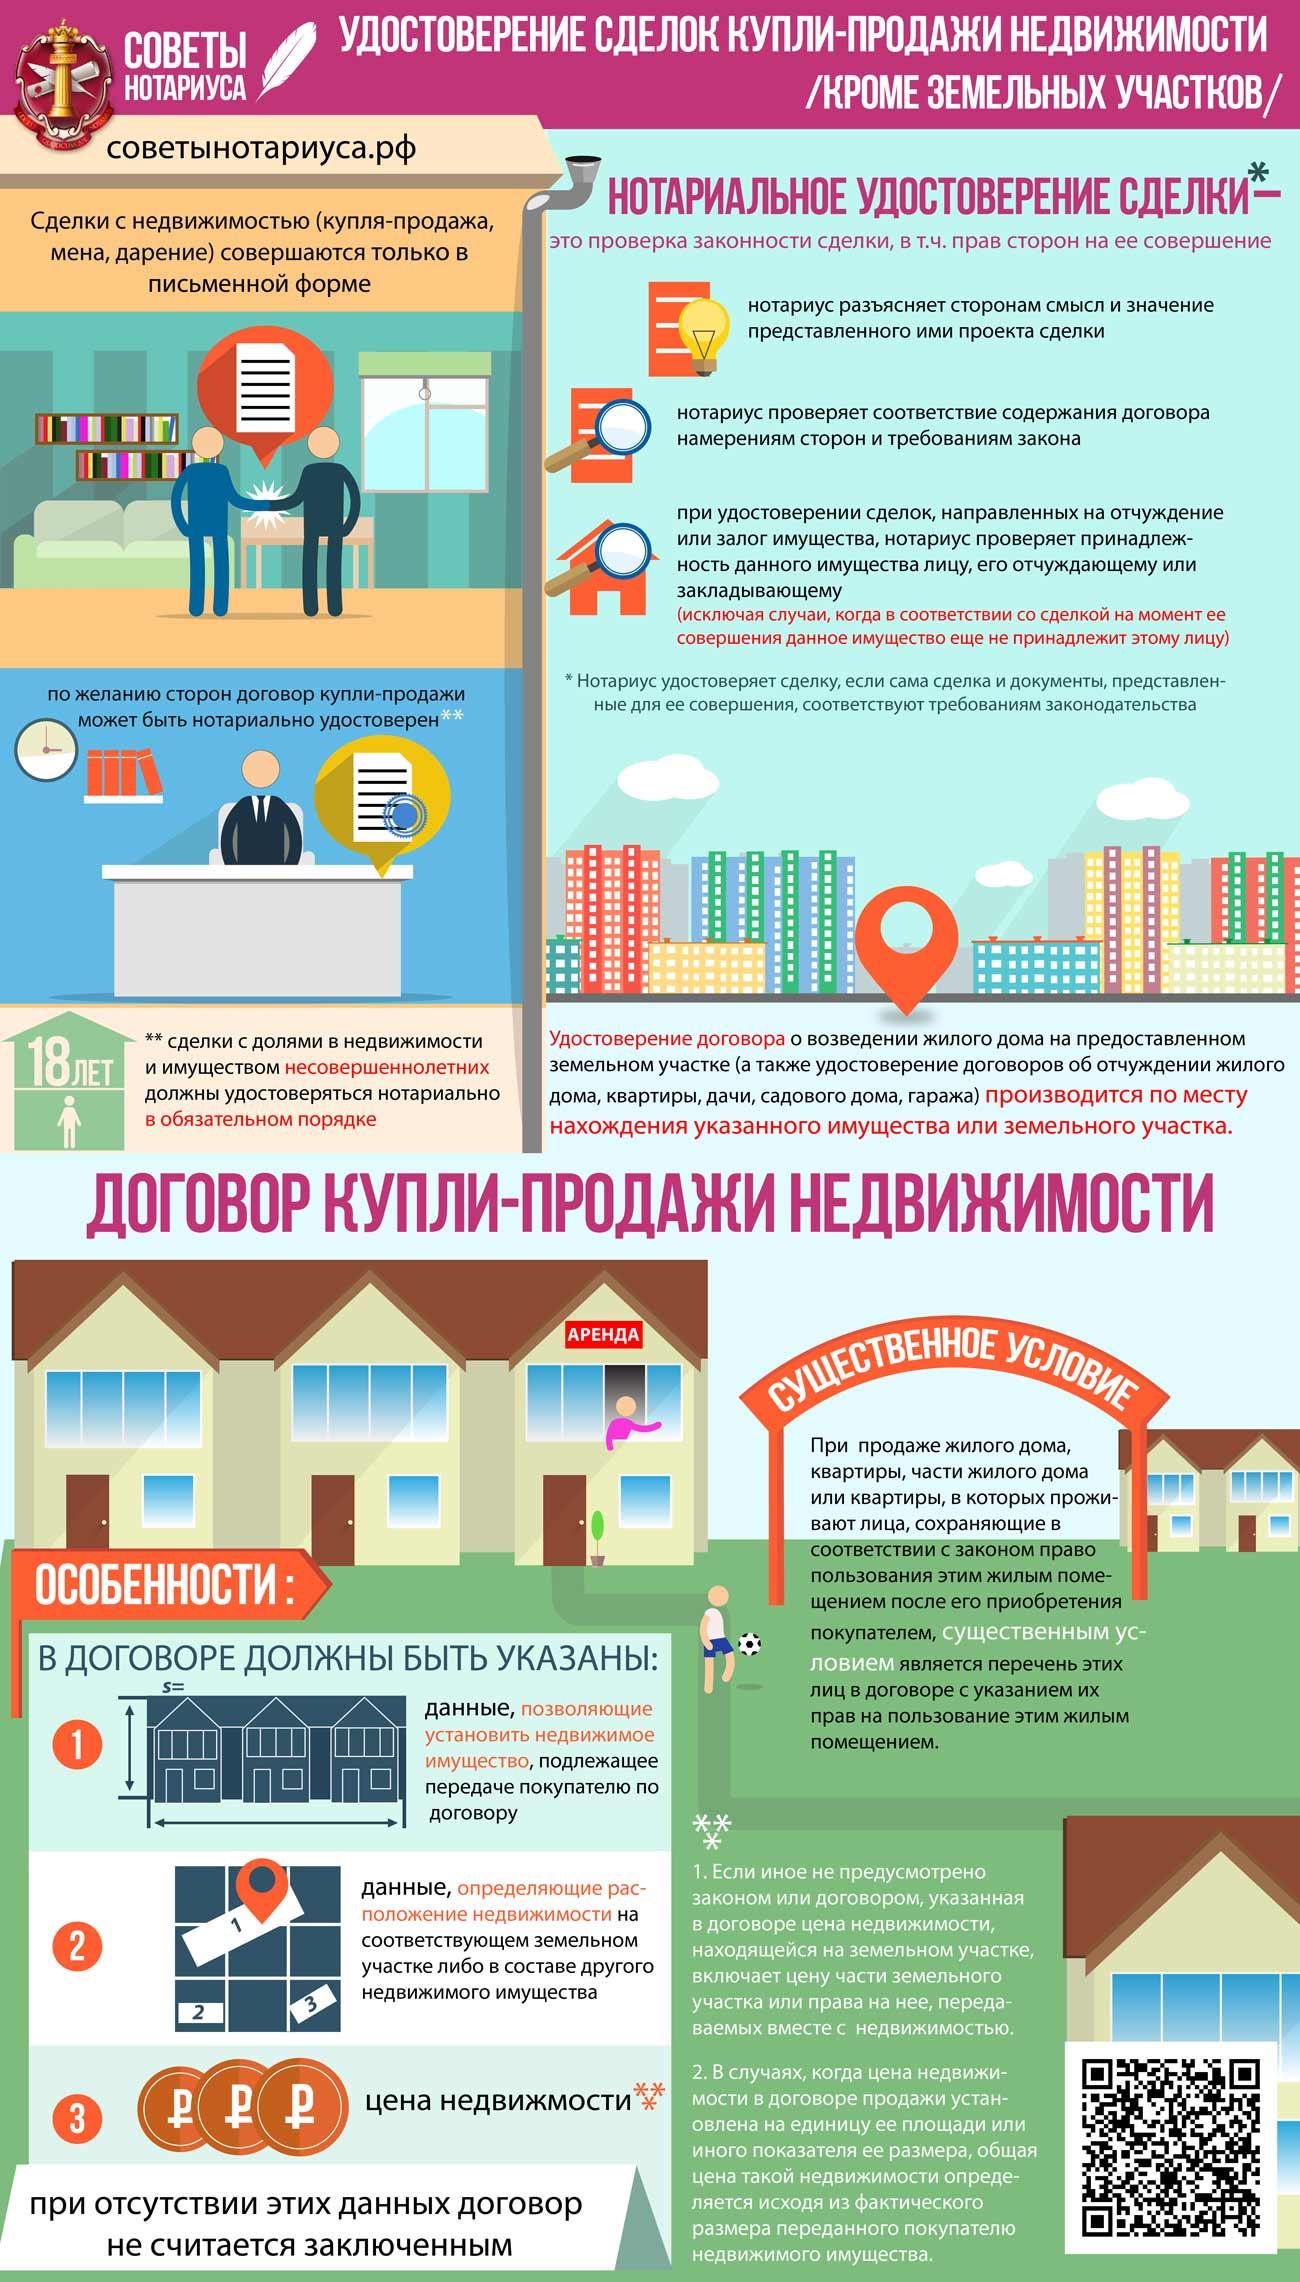 Оформление недвижимости через нотариуса